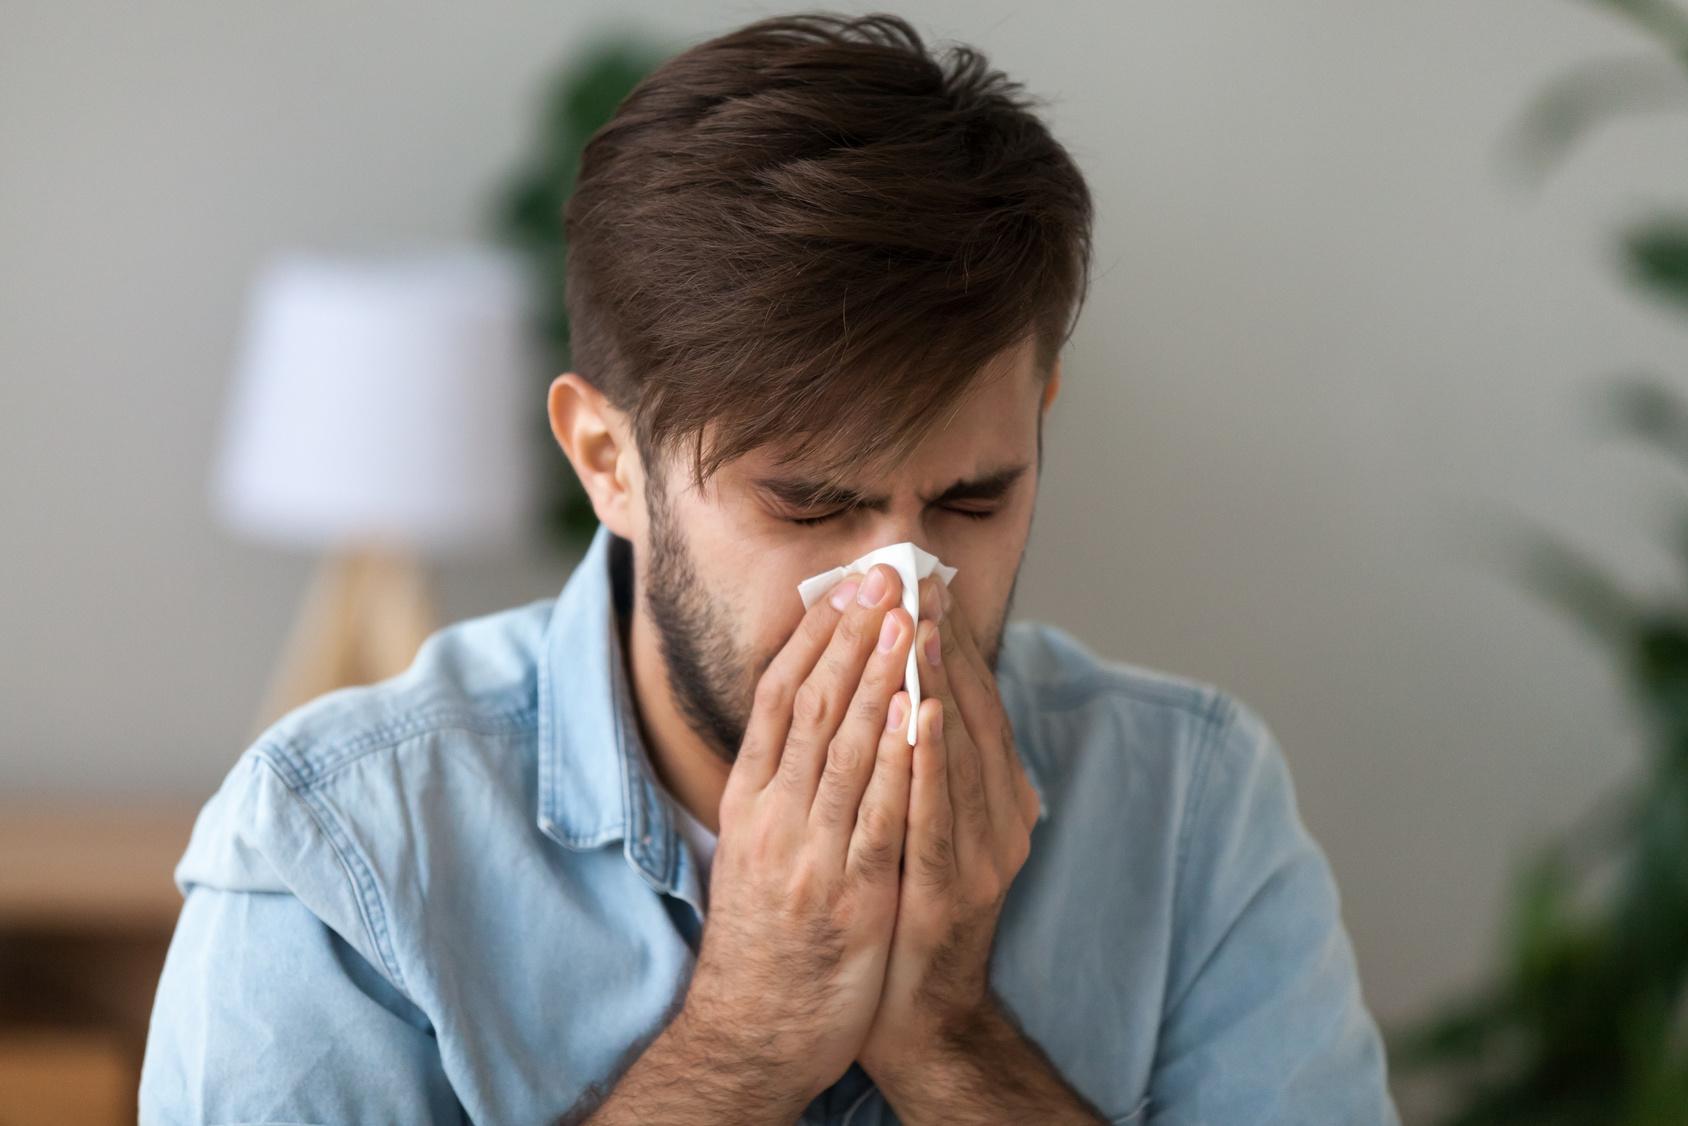 Bei einer Belastung durch HEuschnupfen können Pollenschutzgitter Linderung bedeuten.